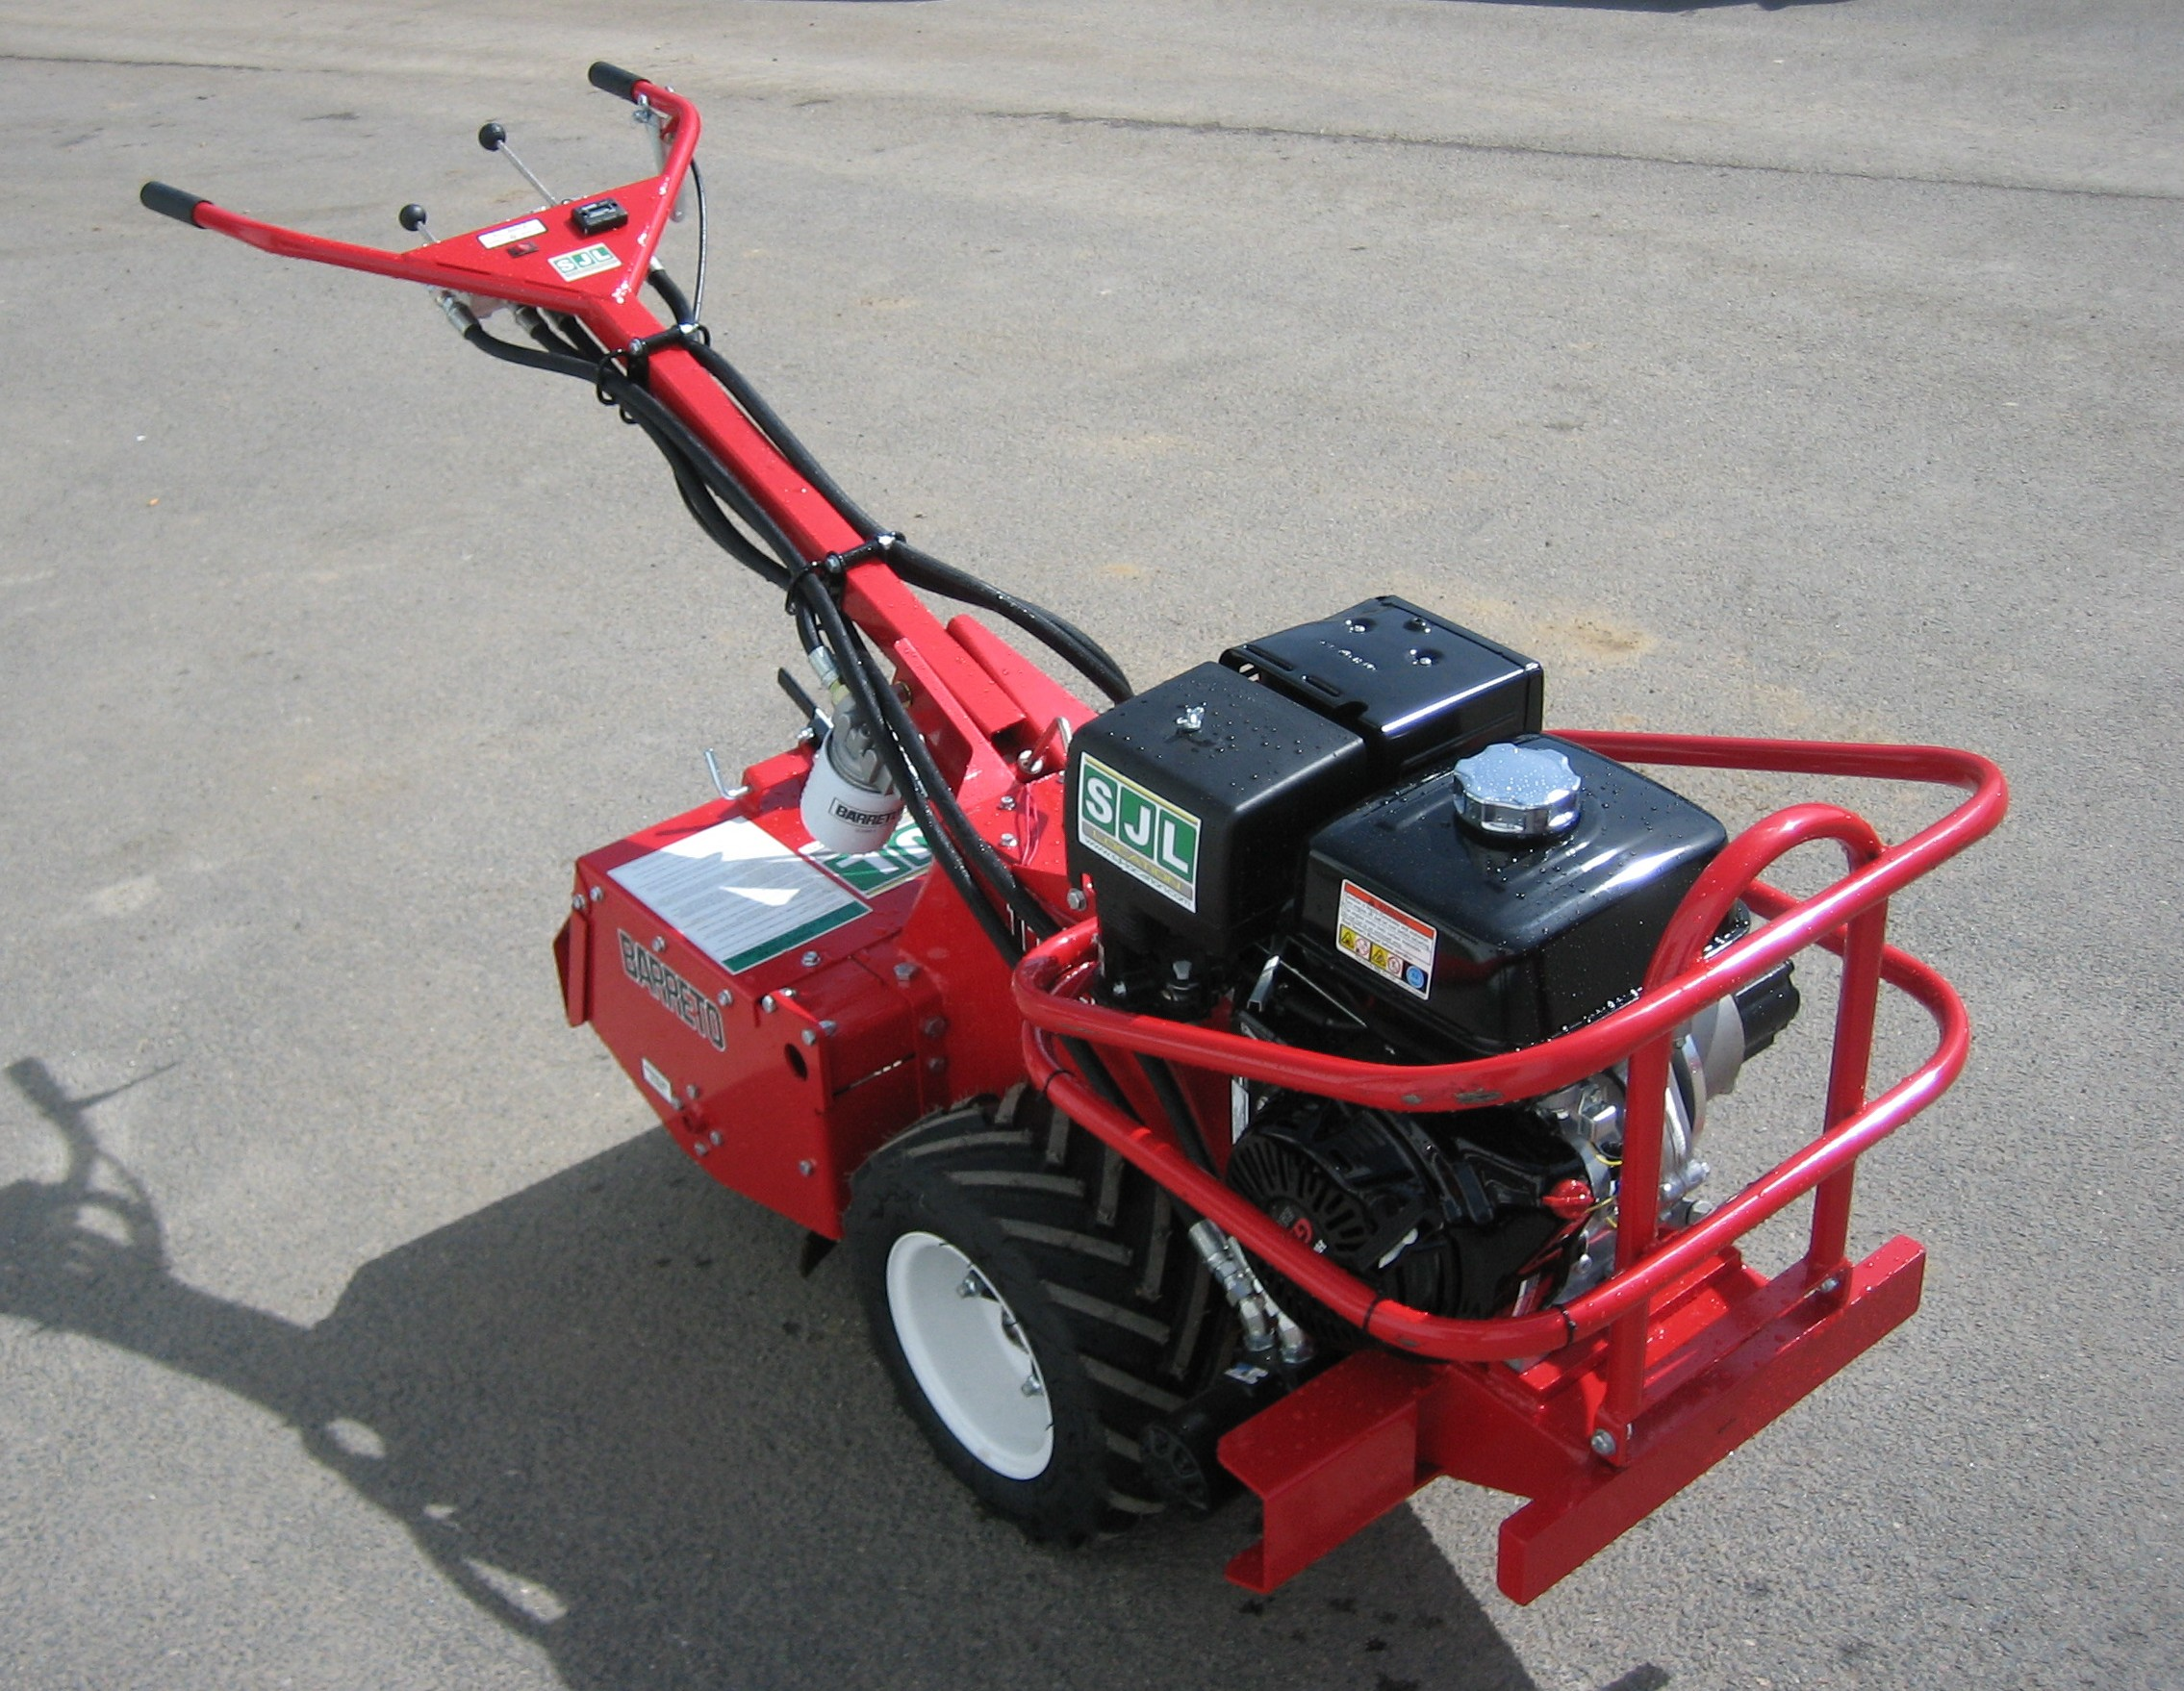 motoculteur hydraulique fraise 13 cv 51 cm saint junien location. Black Bedroom Furniture Sets. Home Design Ideas